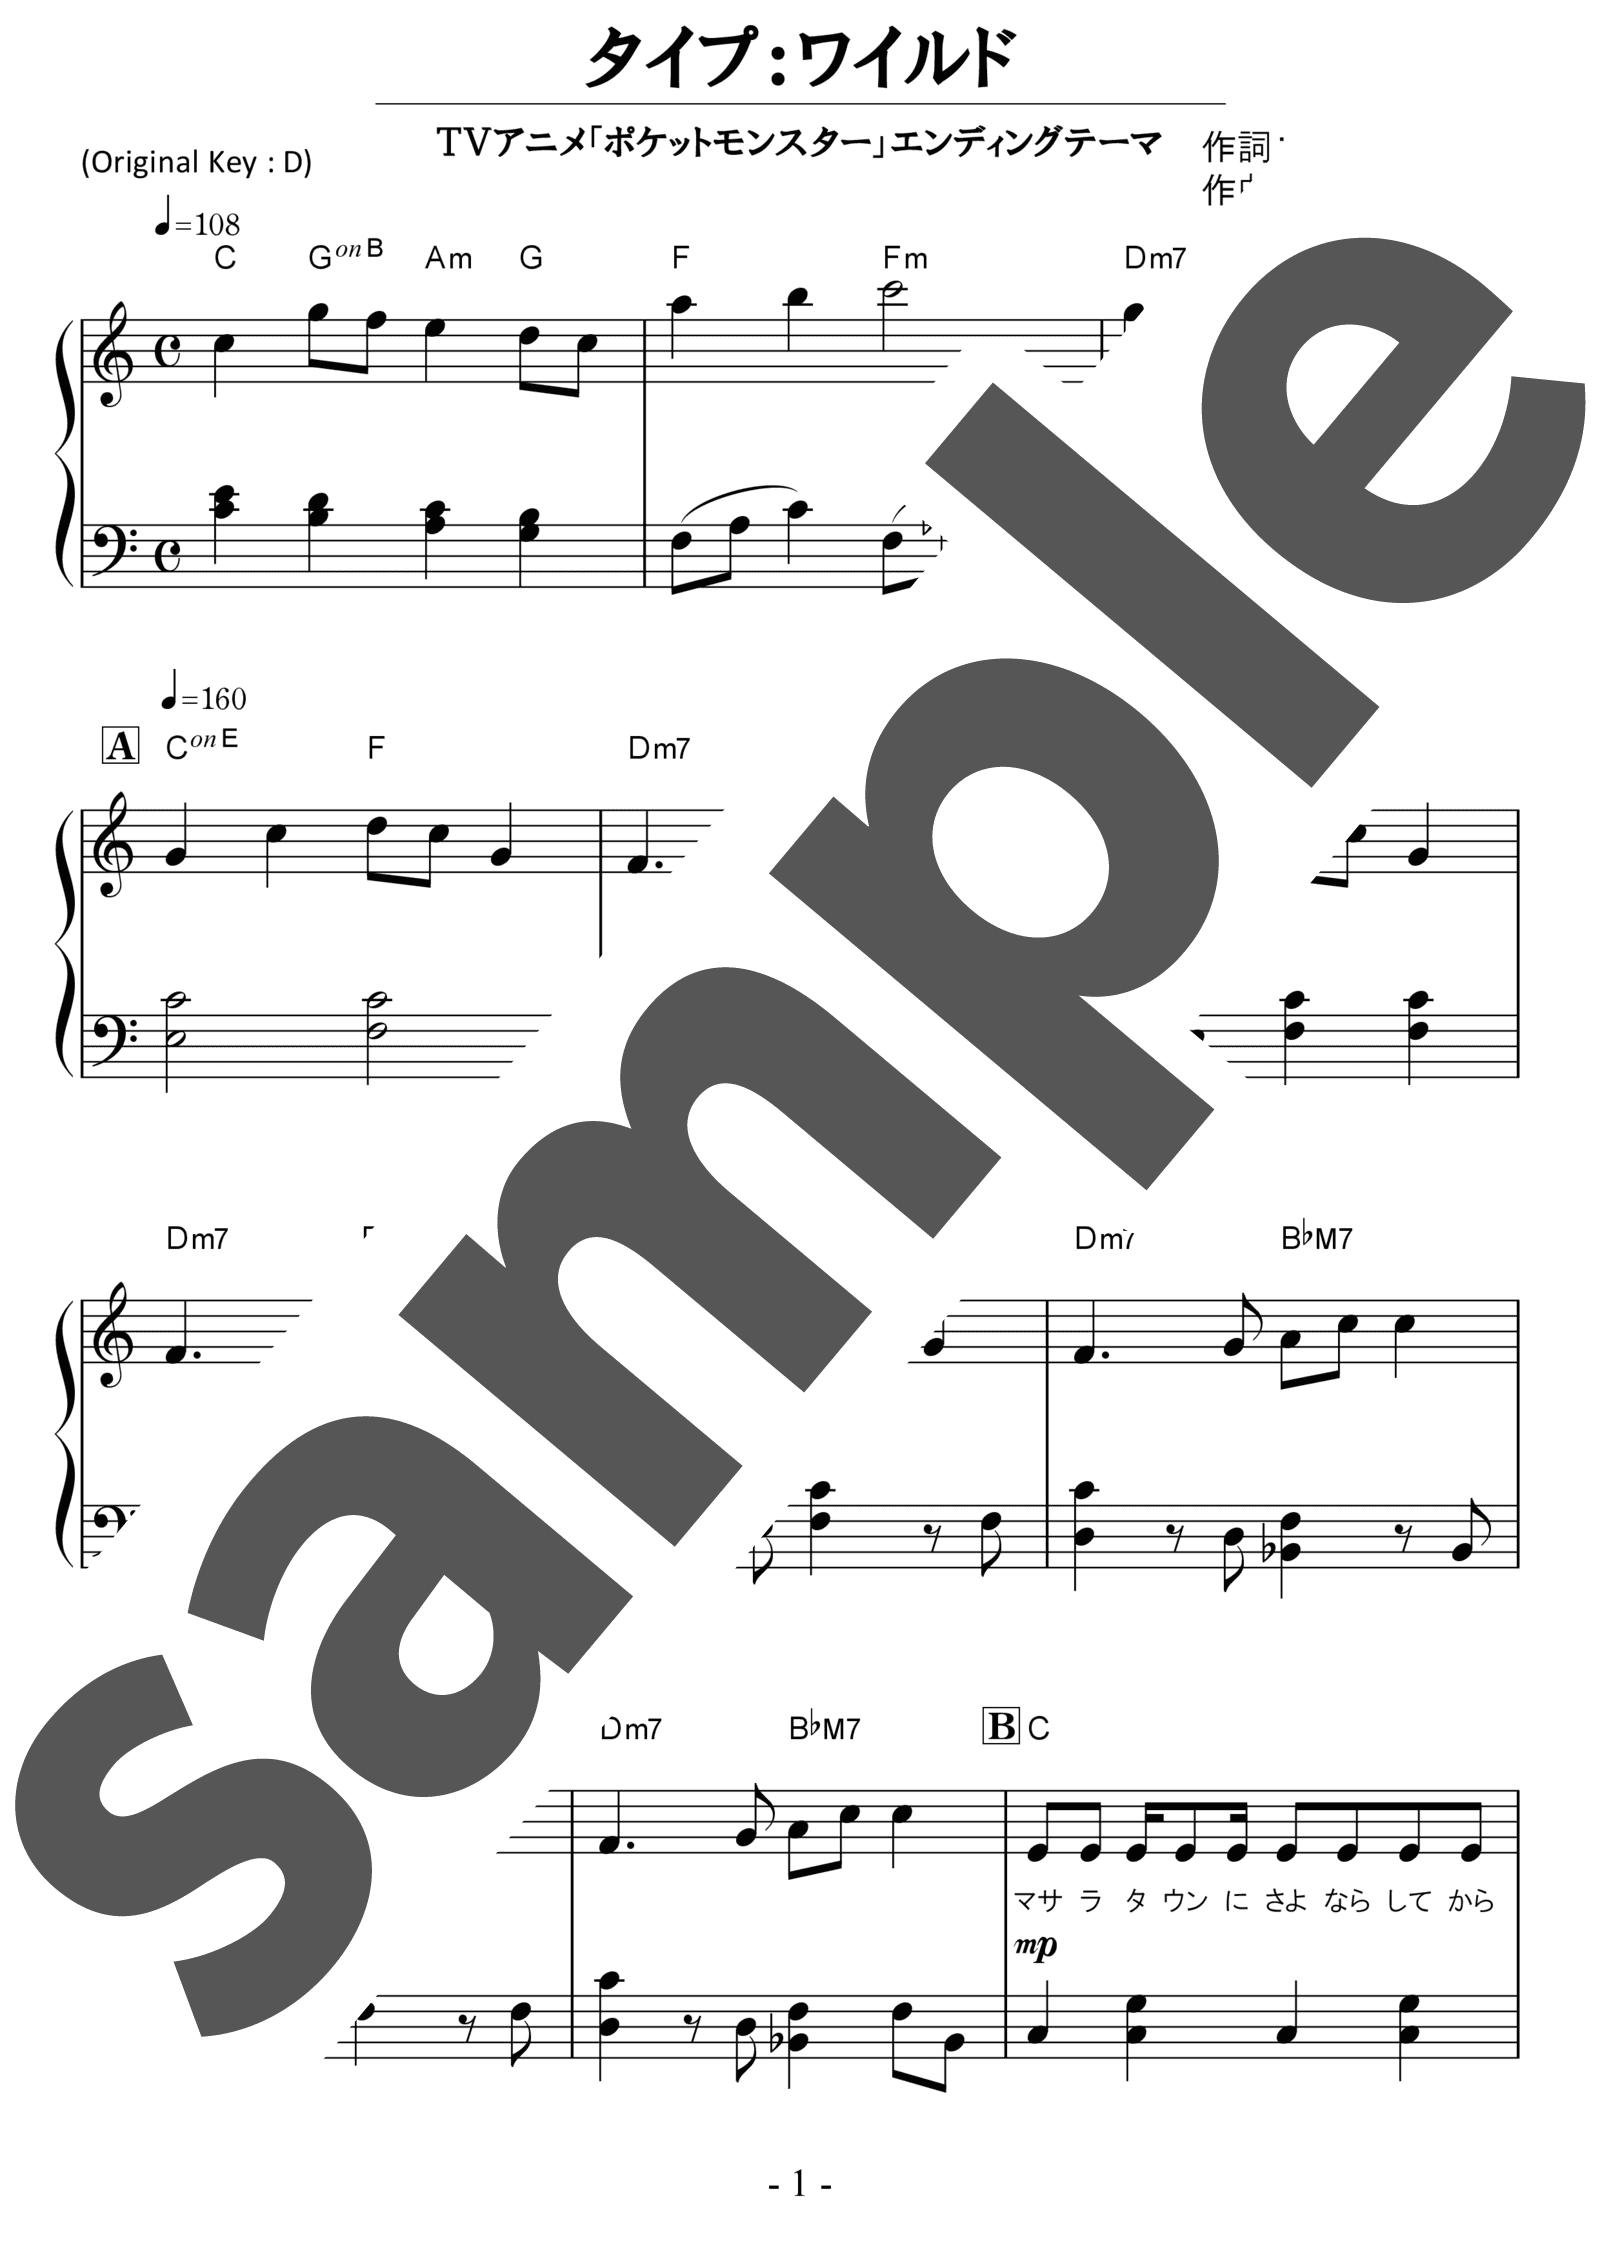 「タイプ:ワイルド」のサンプル楽譜